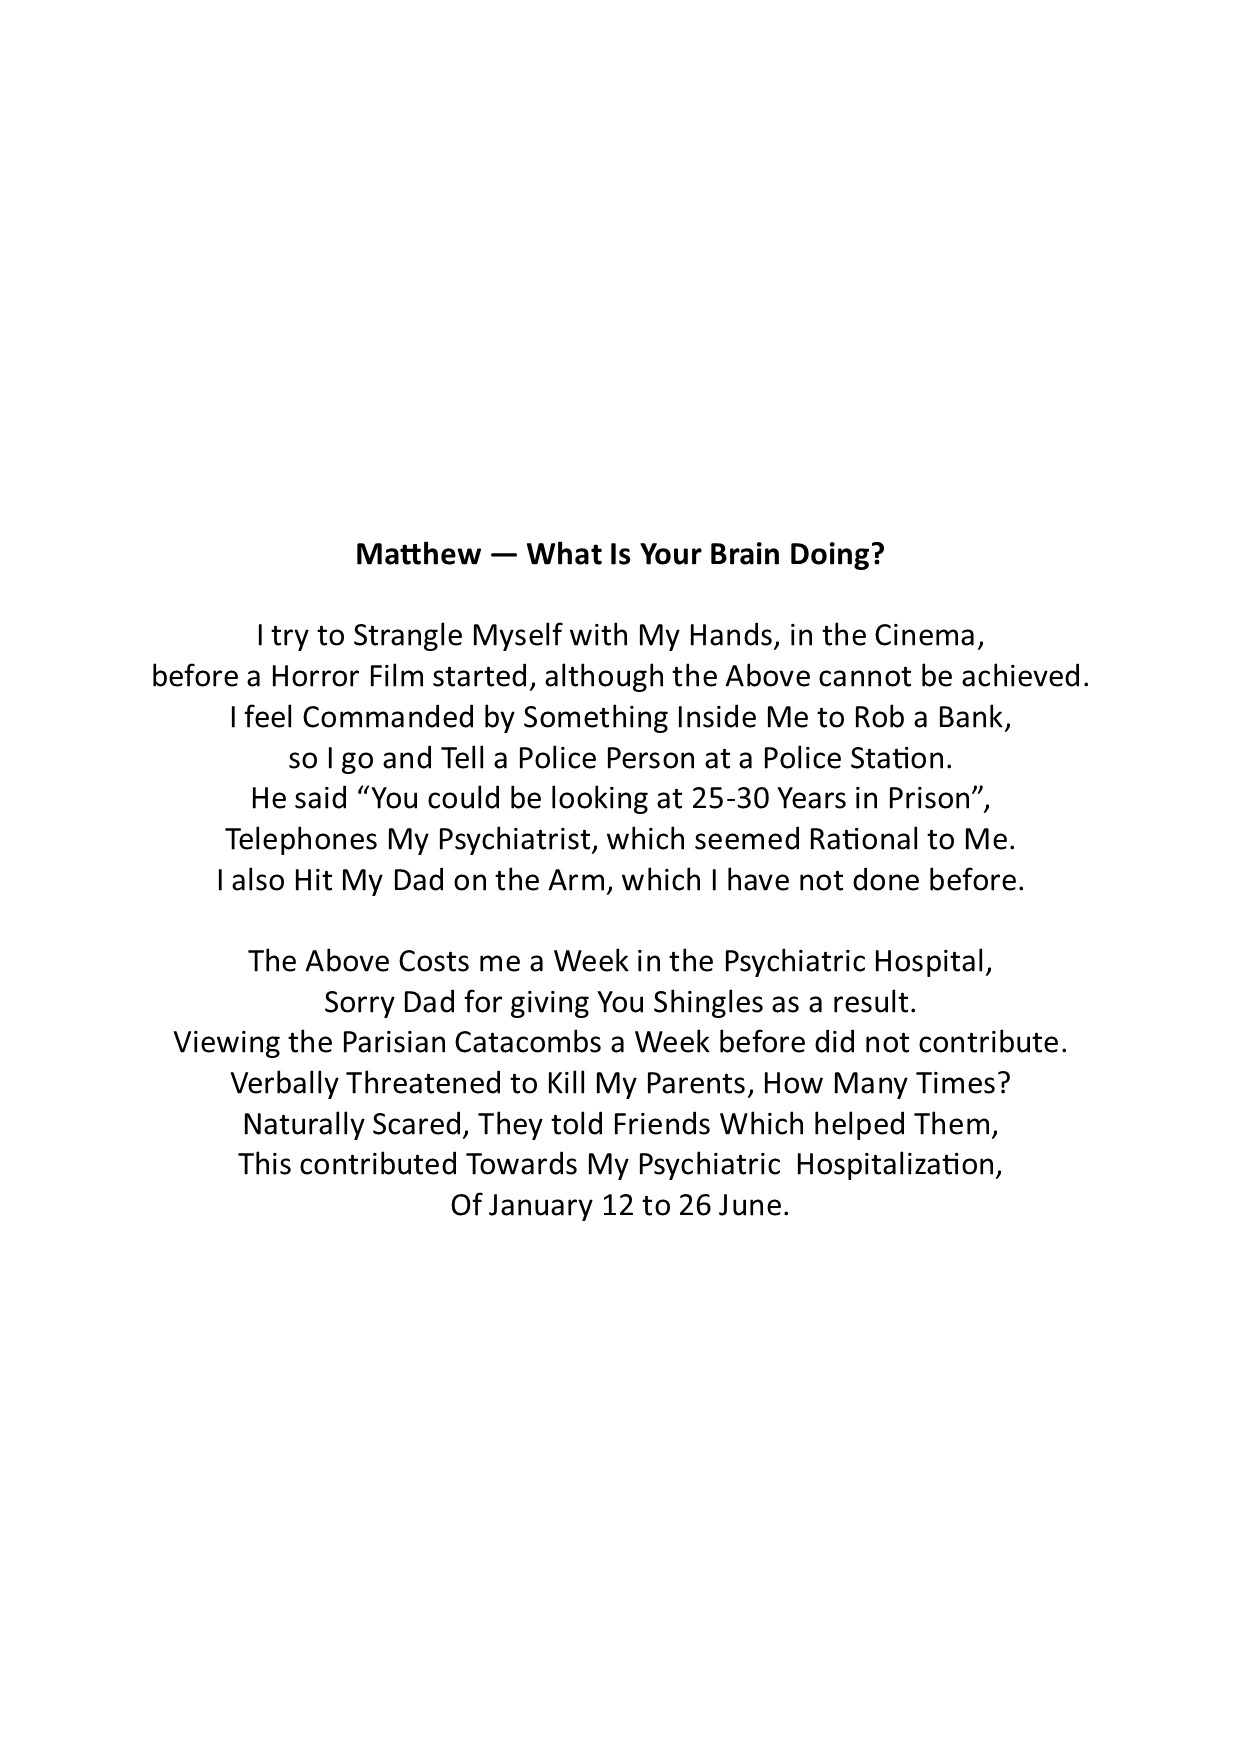 Matthew-what is your brain doing_Website.jpg